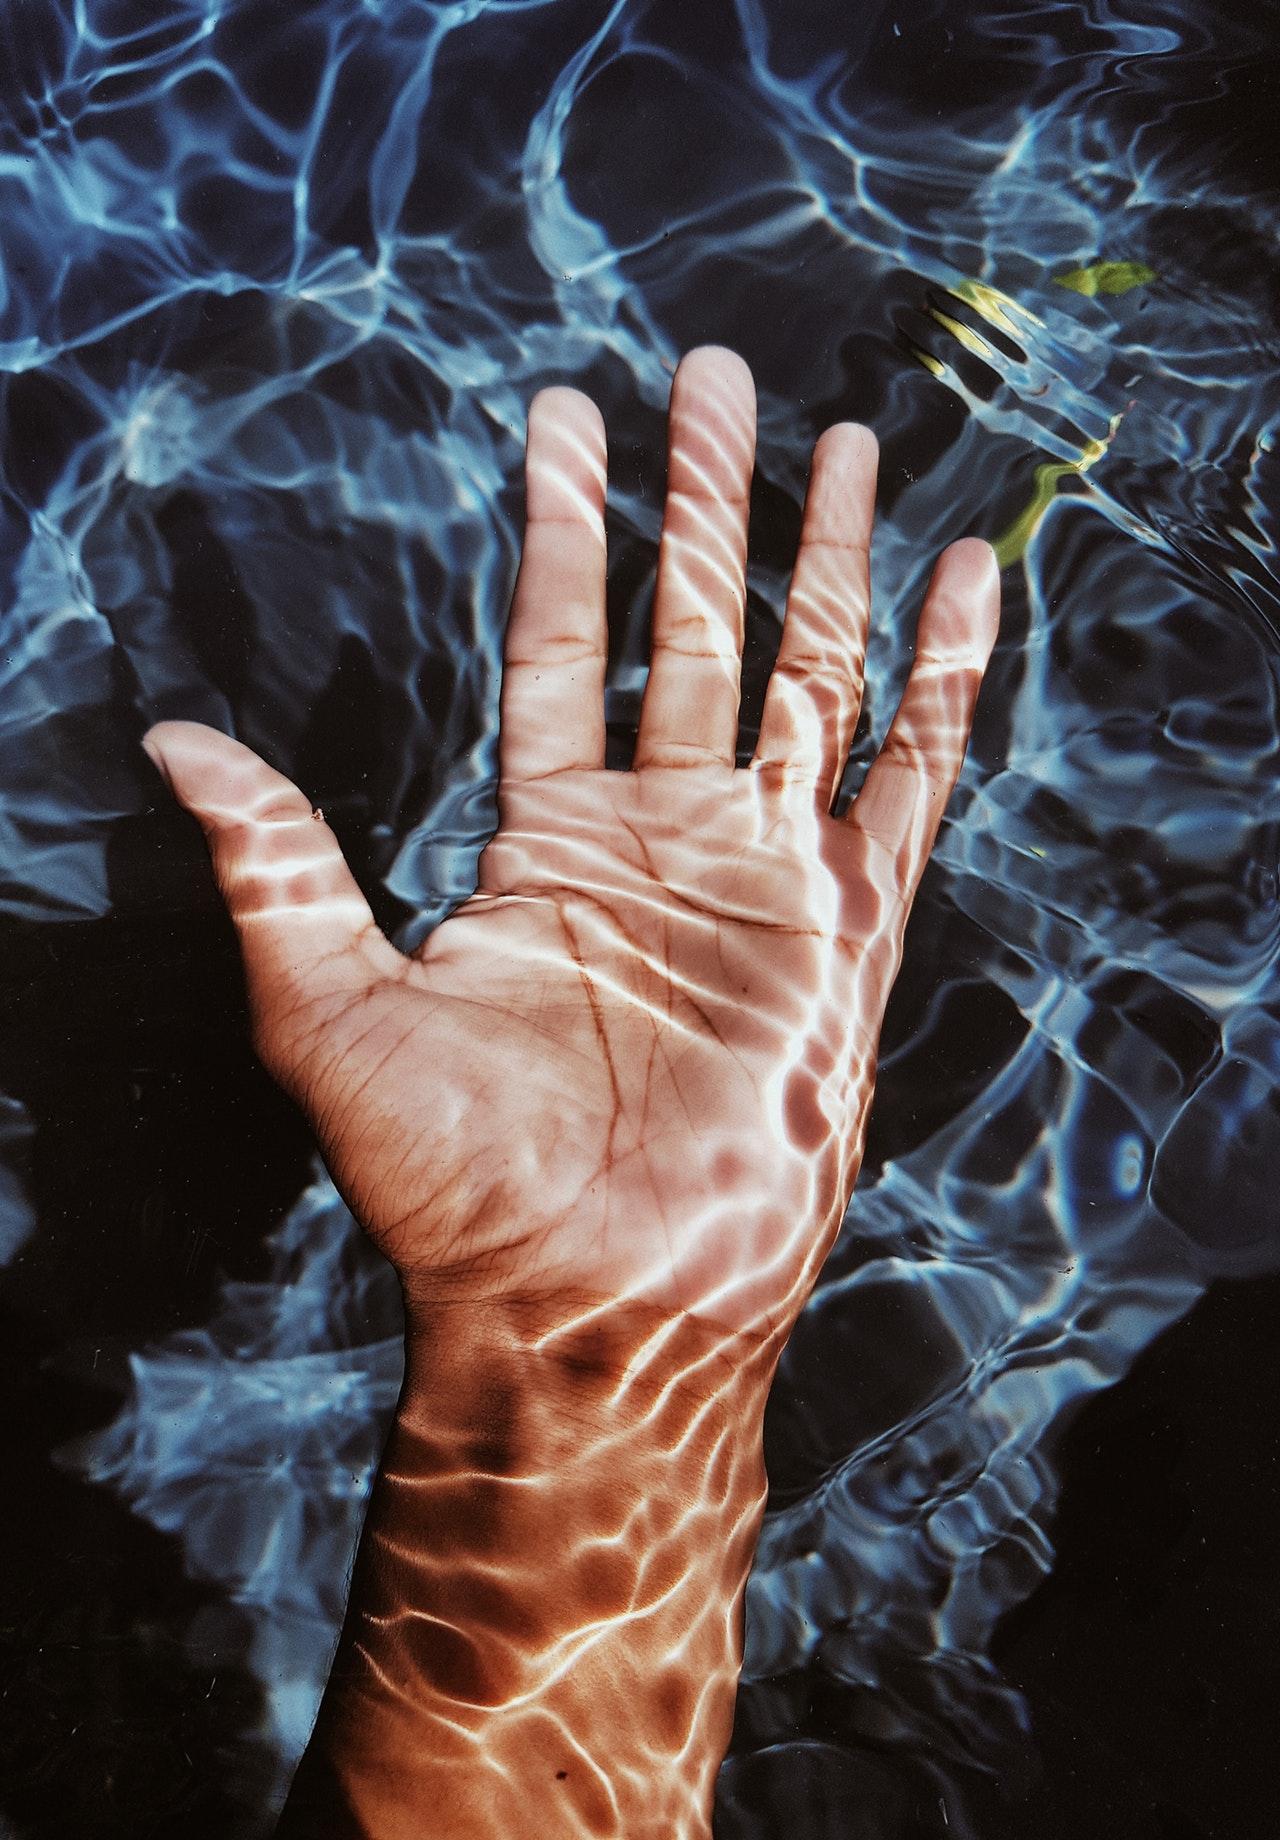 blue-water-clear-fingers-2499417.jpg